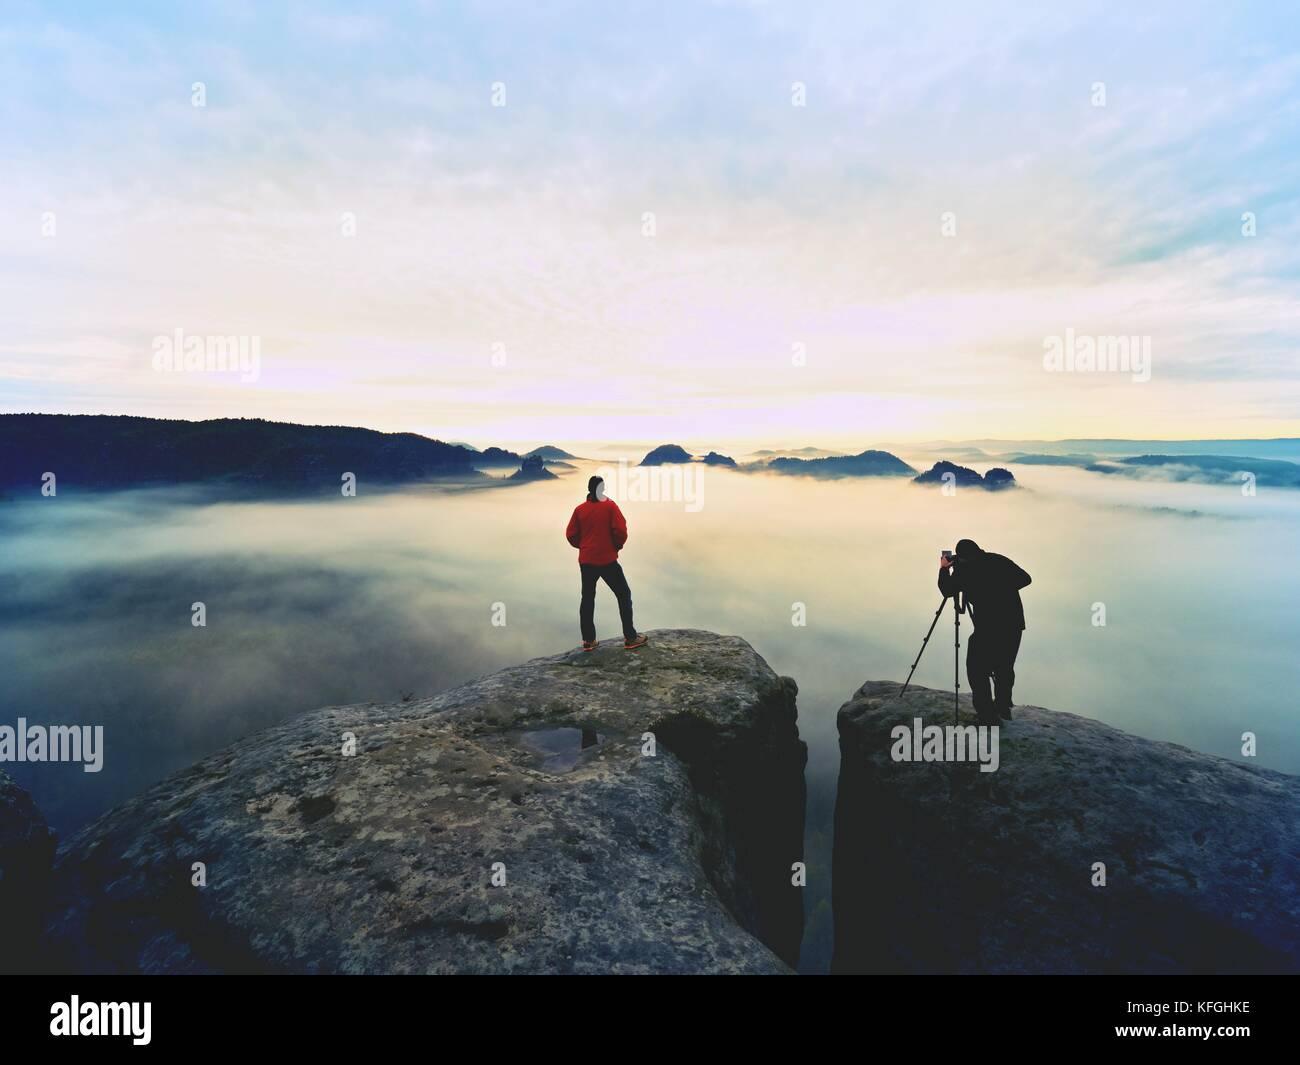 Sagome di uomo fotografi. gli uomini sulla montagna. picco con due uomini di scattare le foto in autunno alba Immagini Stock